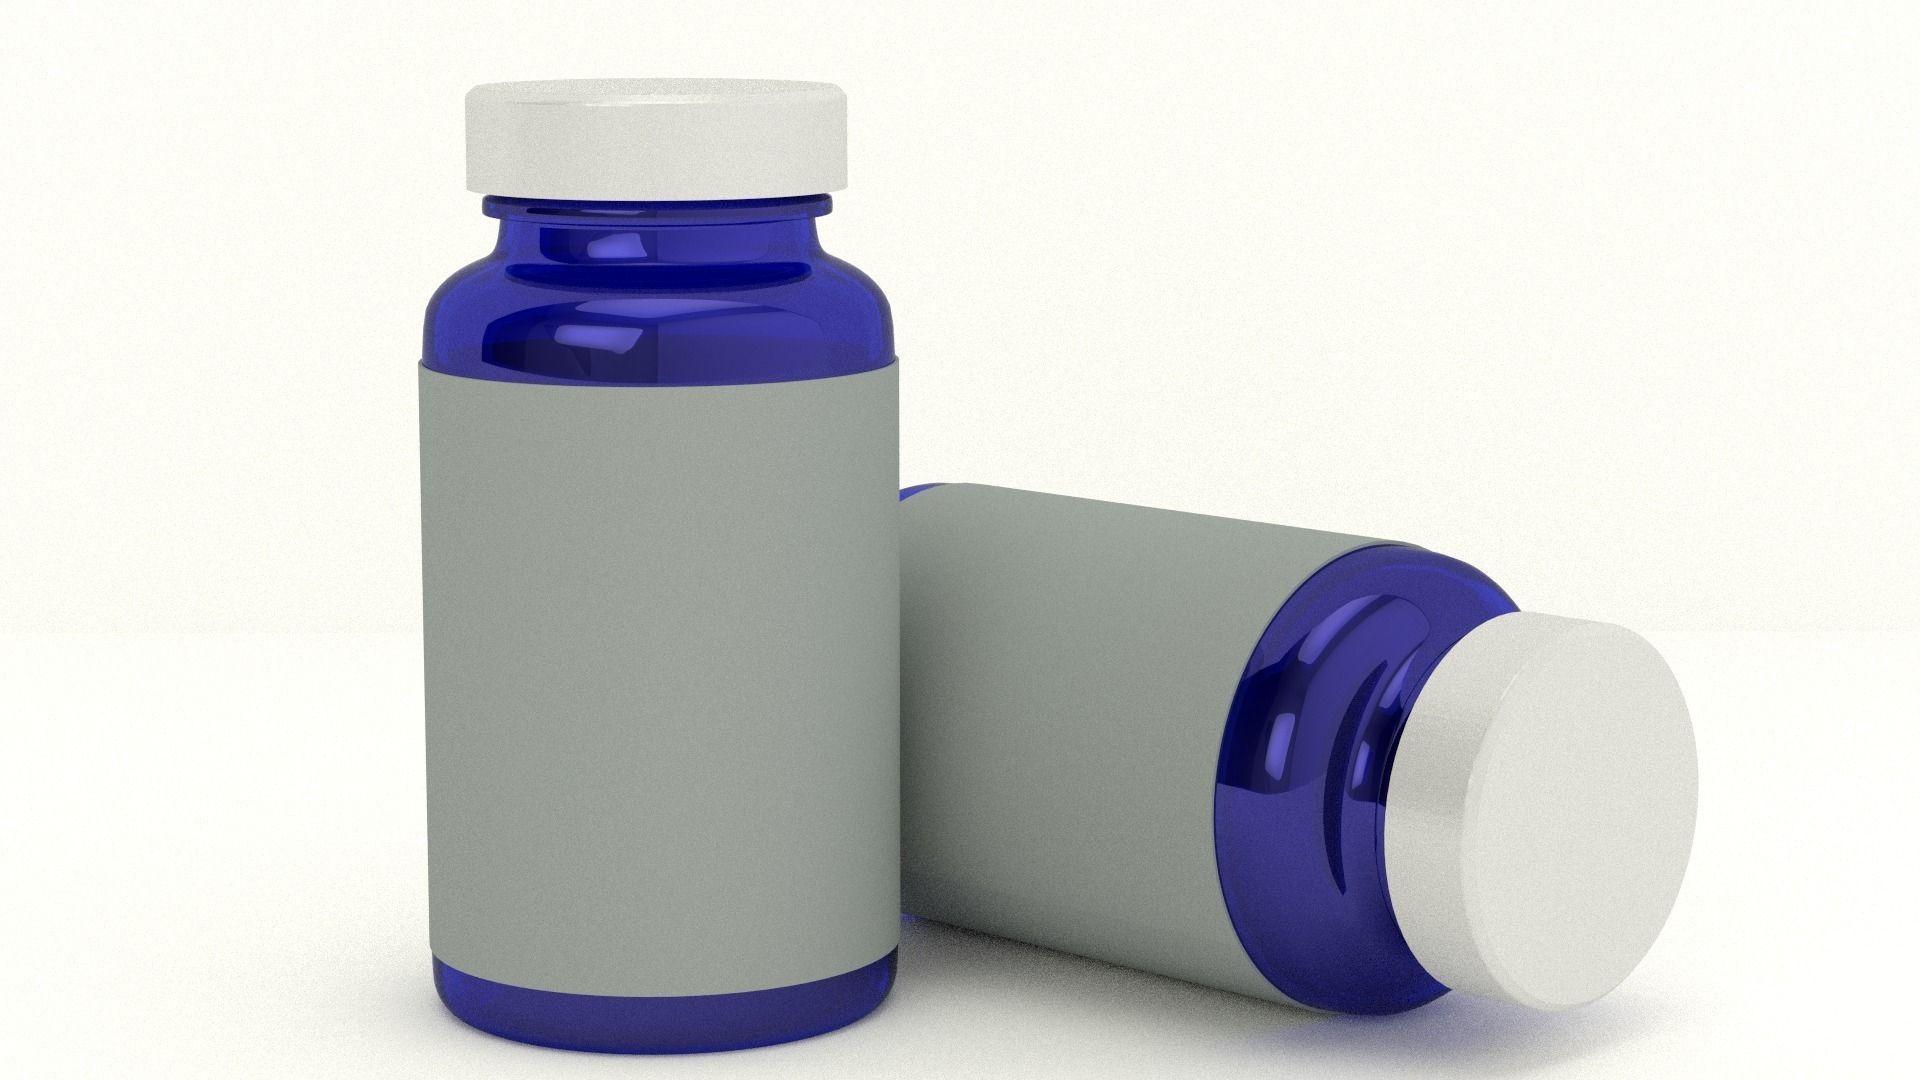 Interior Design Sofa Medicine Bottle 3d Model Obj 3ds Fbx Blend Mtl